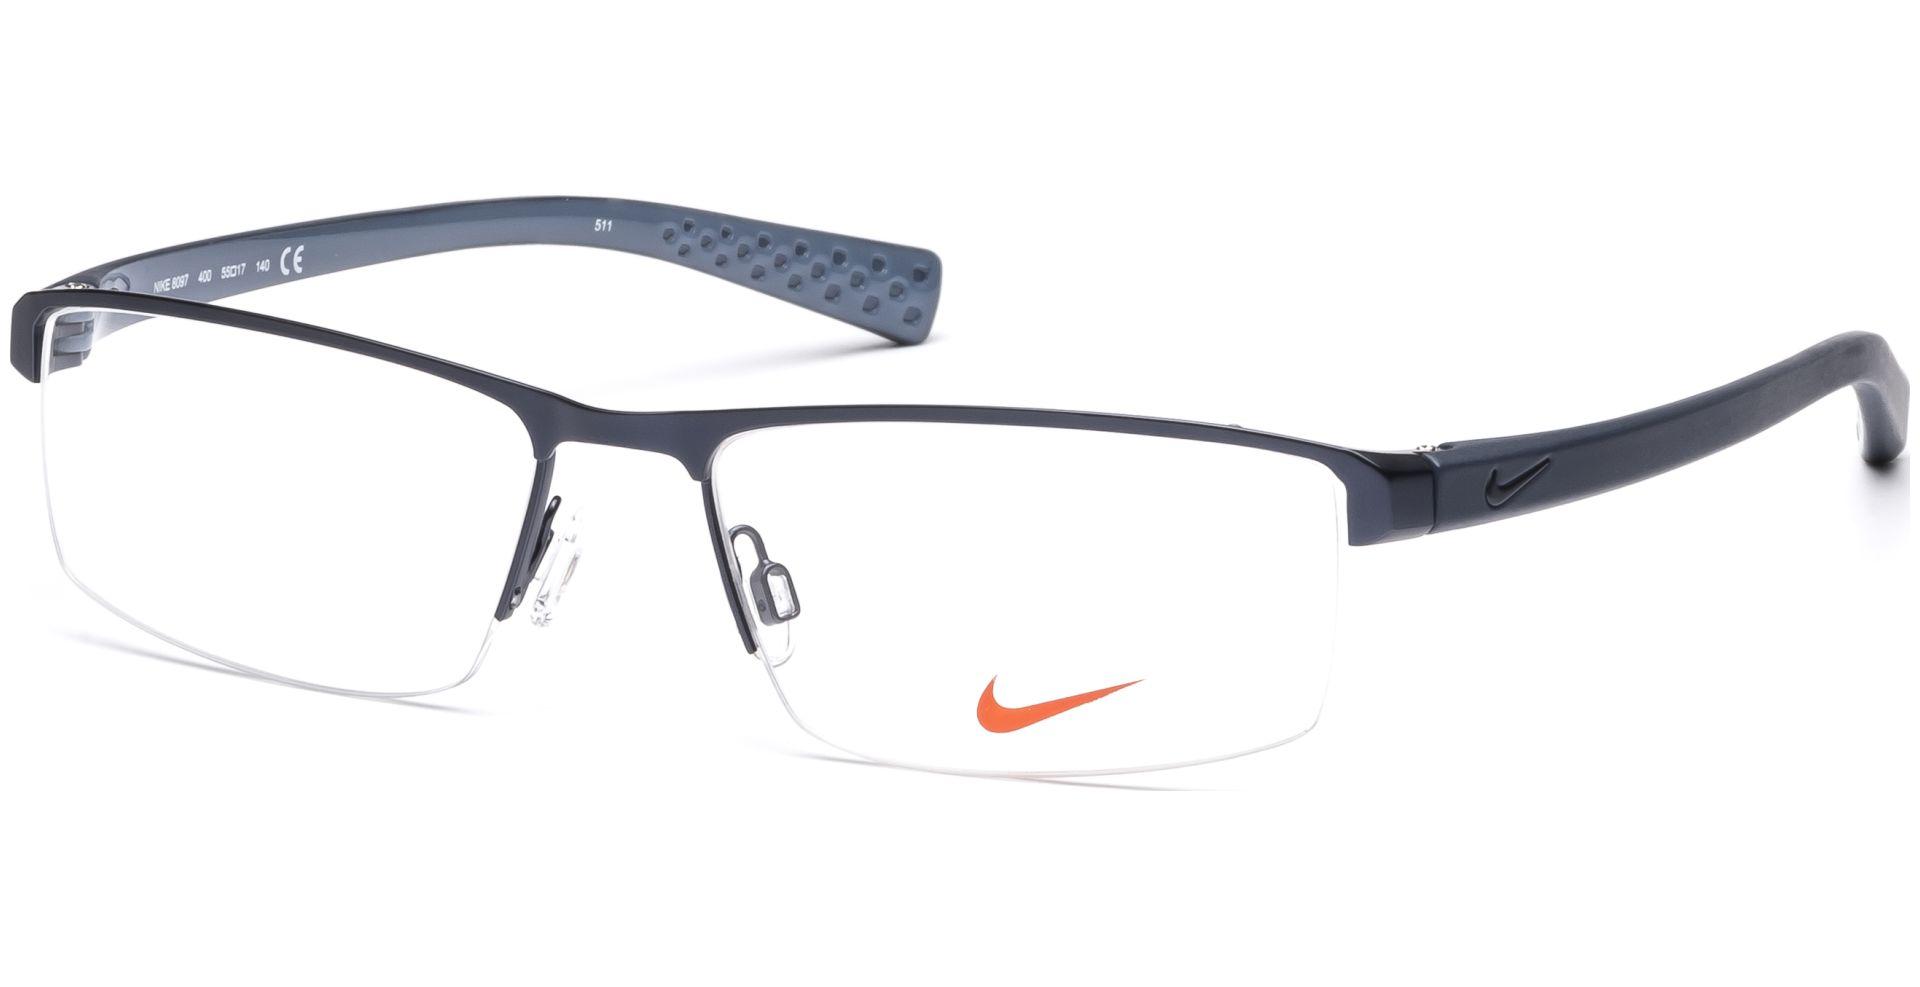 Nike - 8097 400 5517 Satin Blue/Midnight Navy - von Lensbest